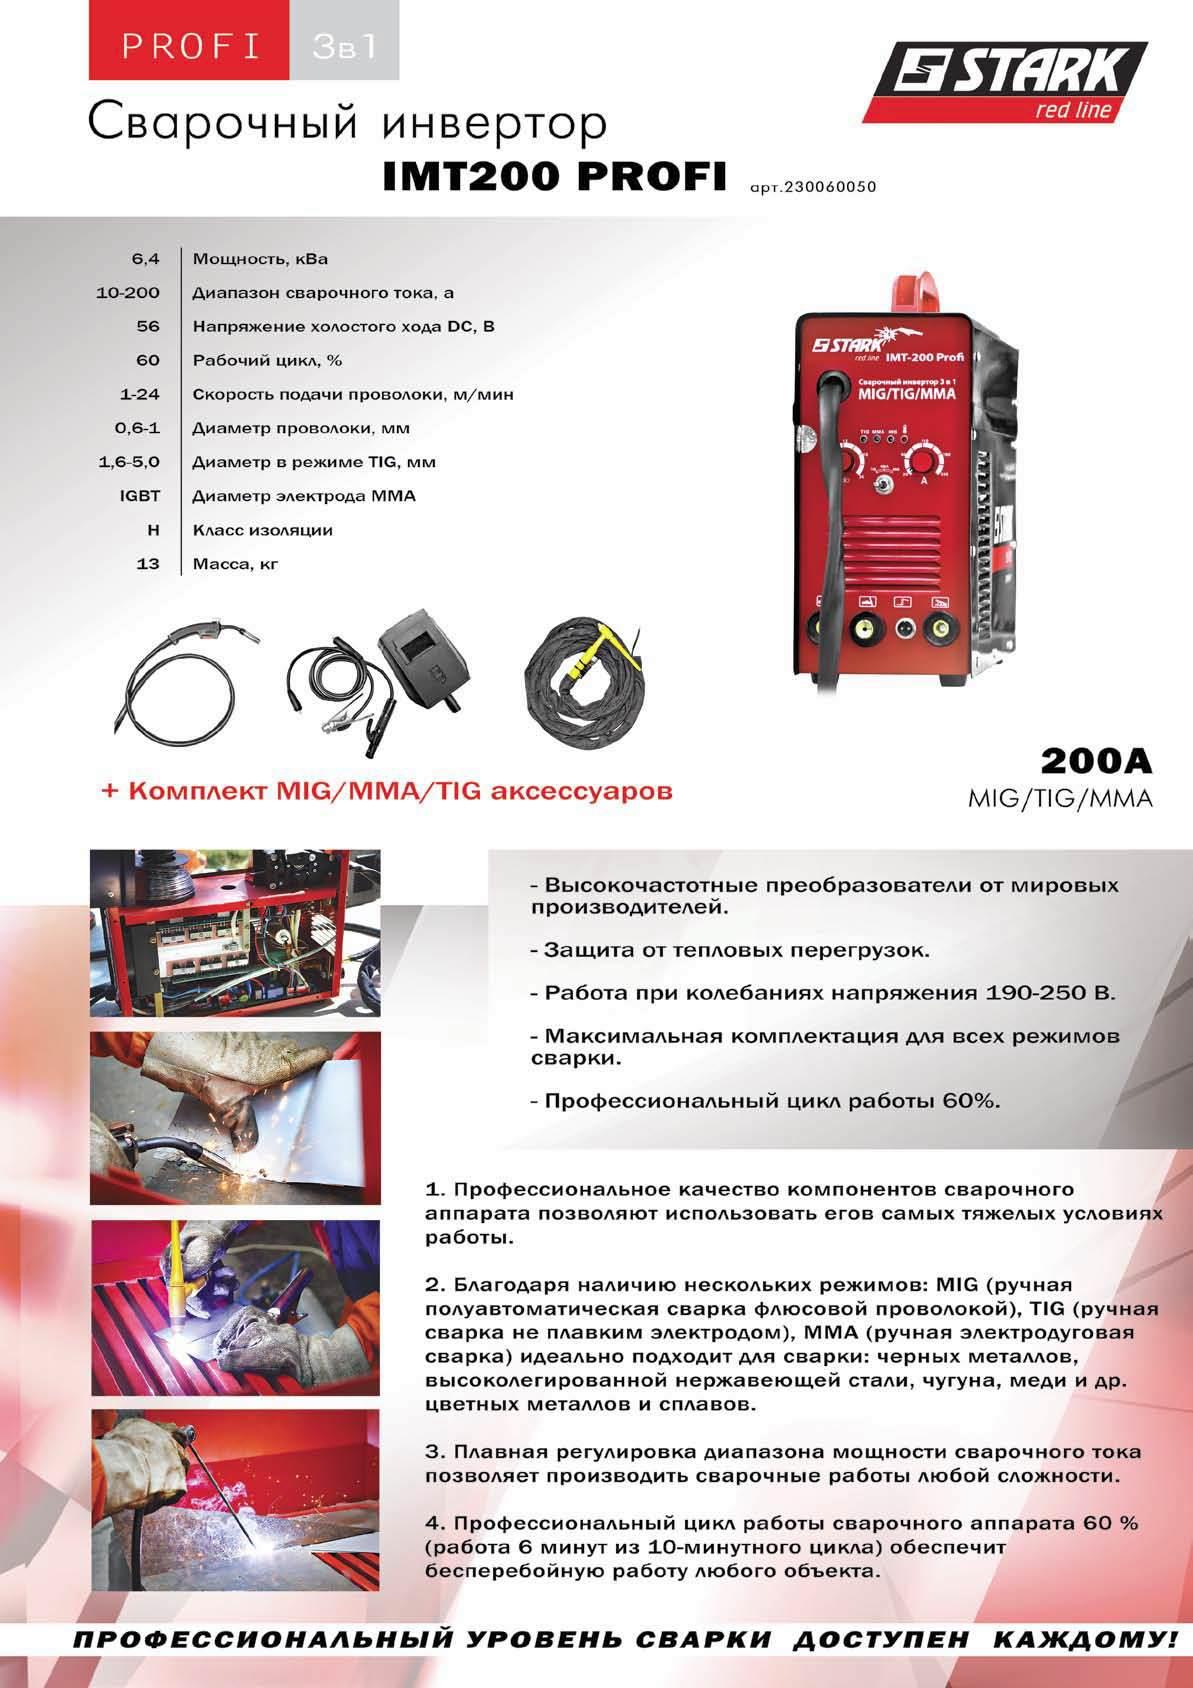 Сварочный инвертор IMT-200 PROFI